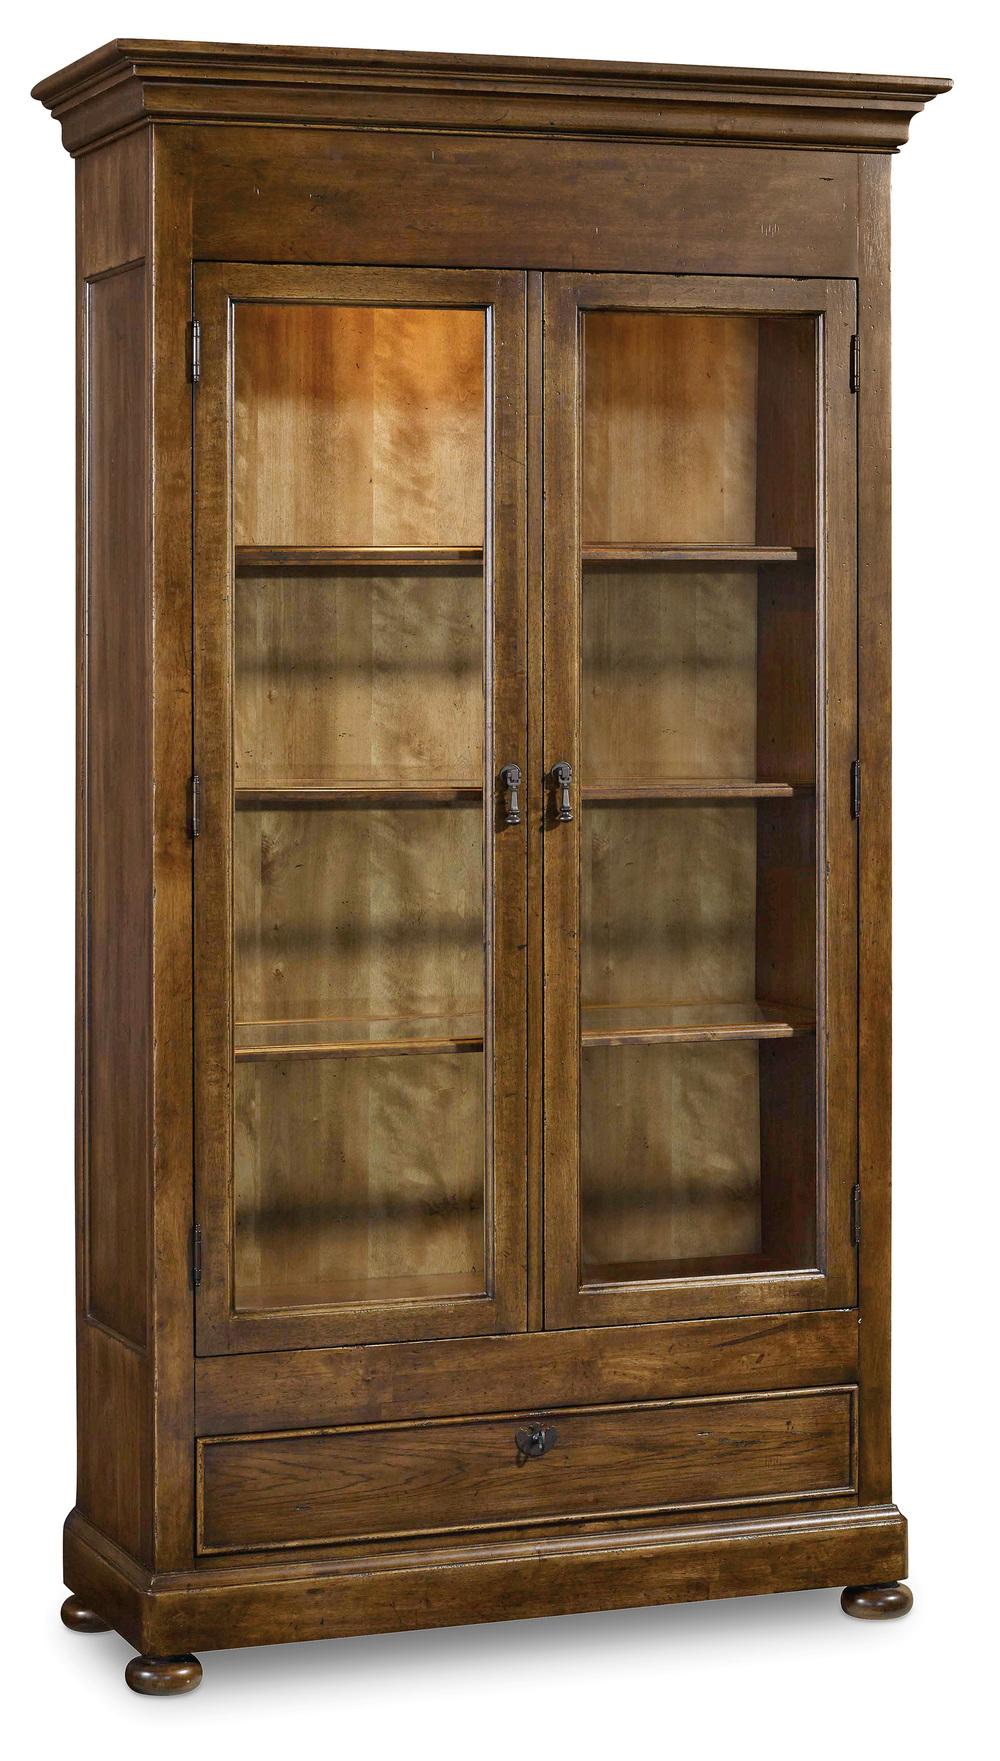 Hooker Furniture - Archivist Display Cabinet